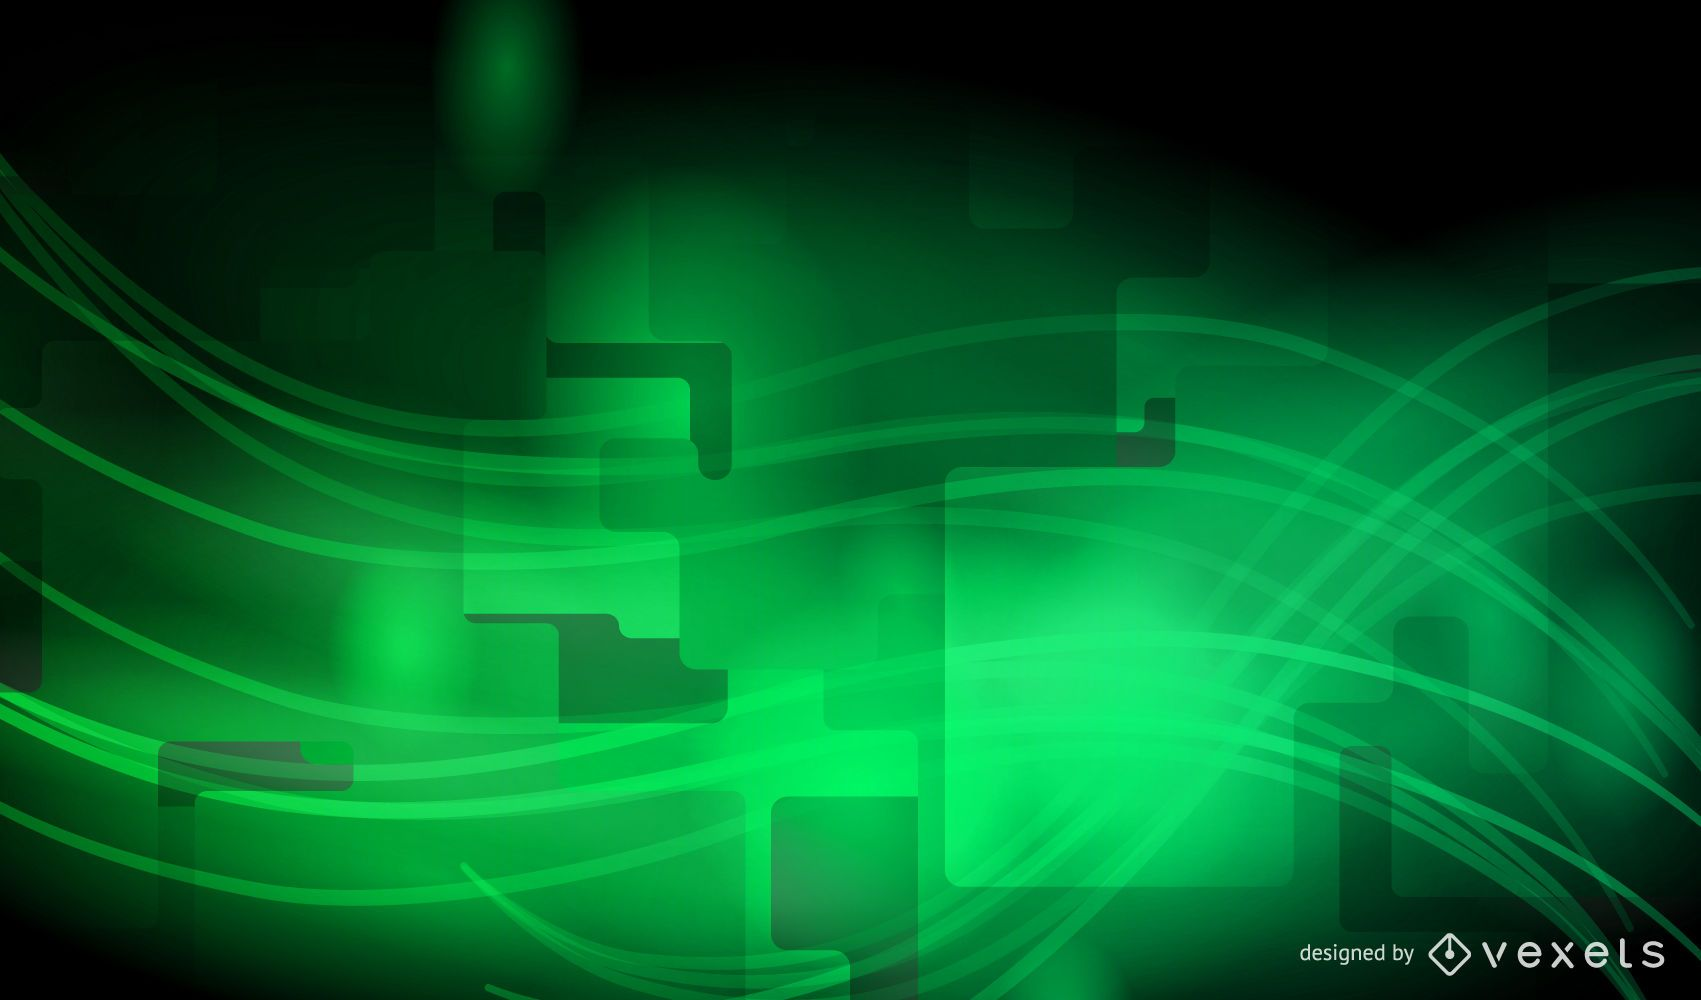 Ondas verdes abstractas modernas sobre fondo gris